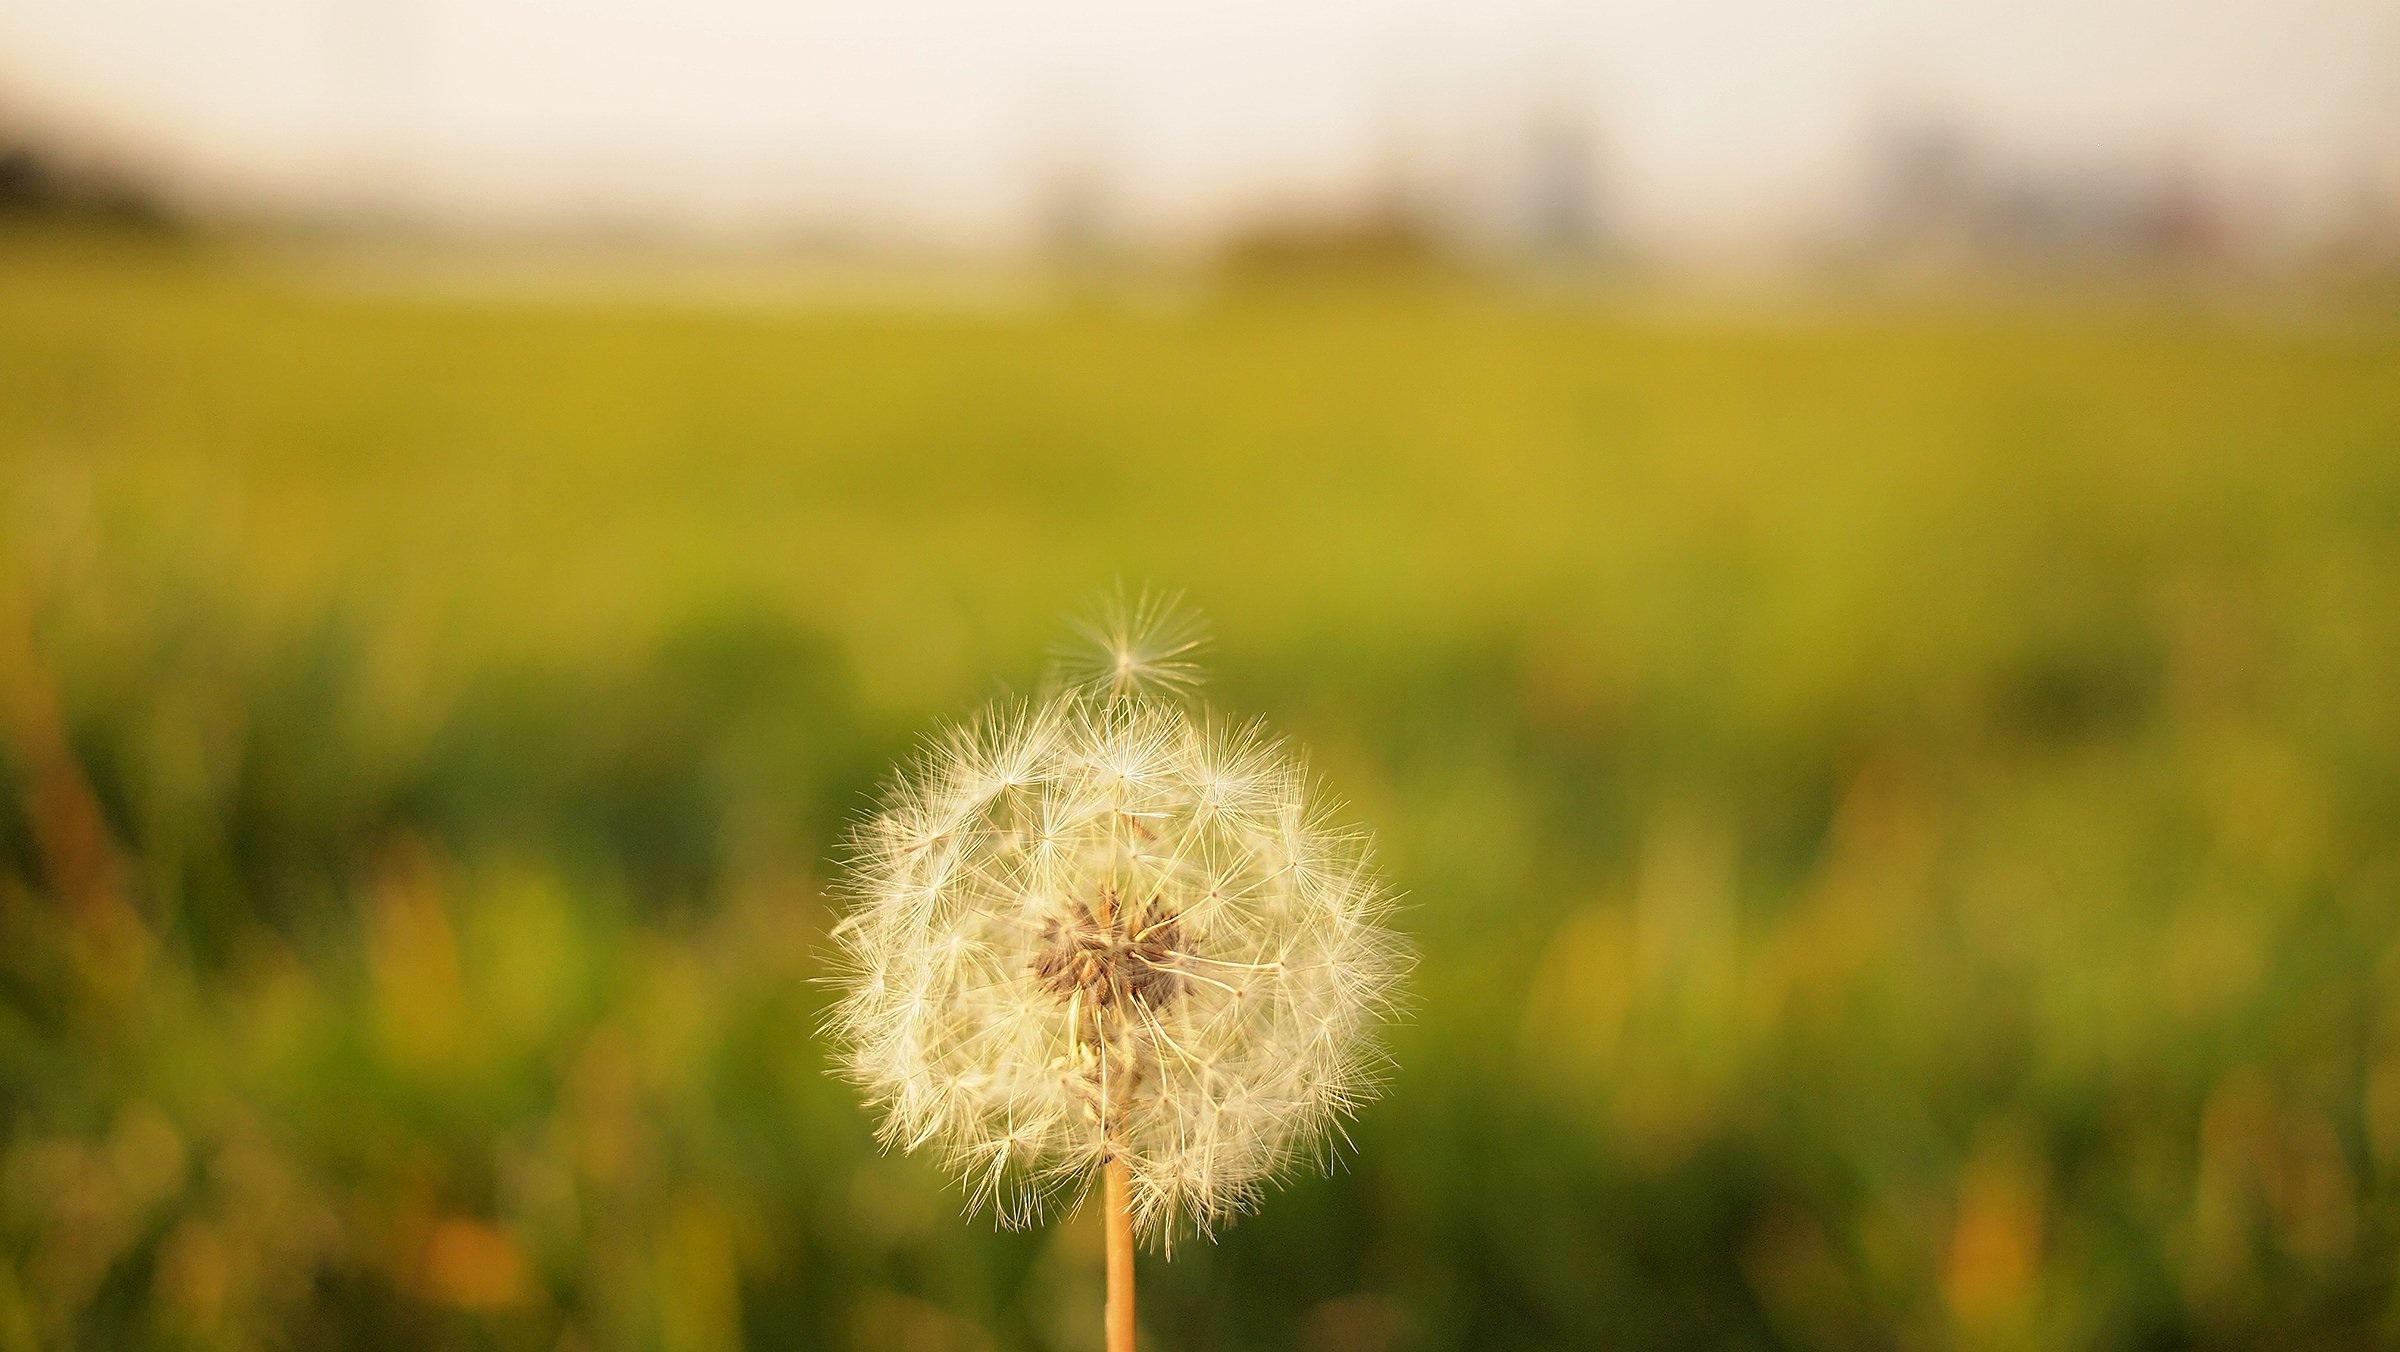 Vårdepression- Är våren bara härlig eller skapar den oro?